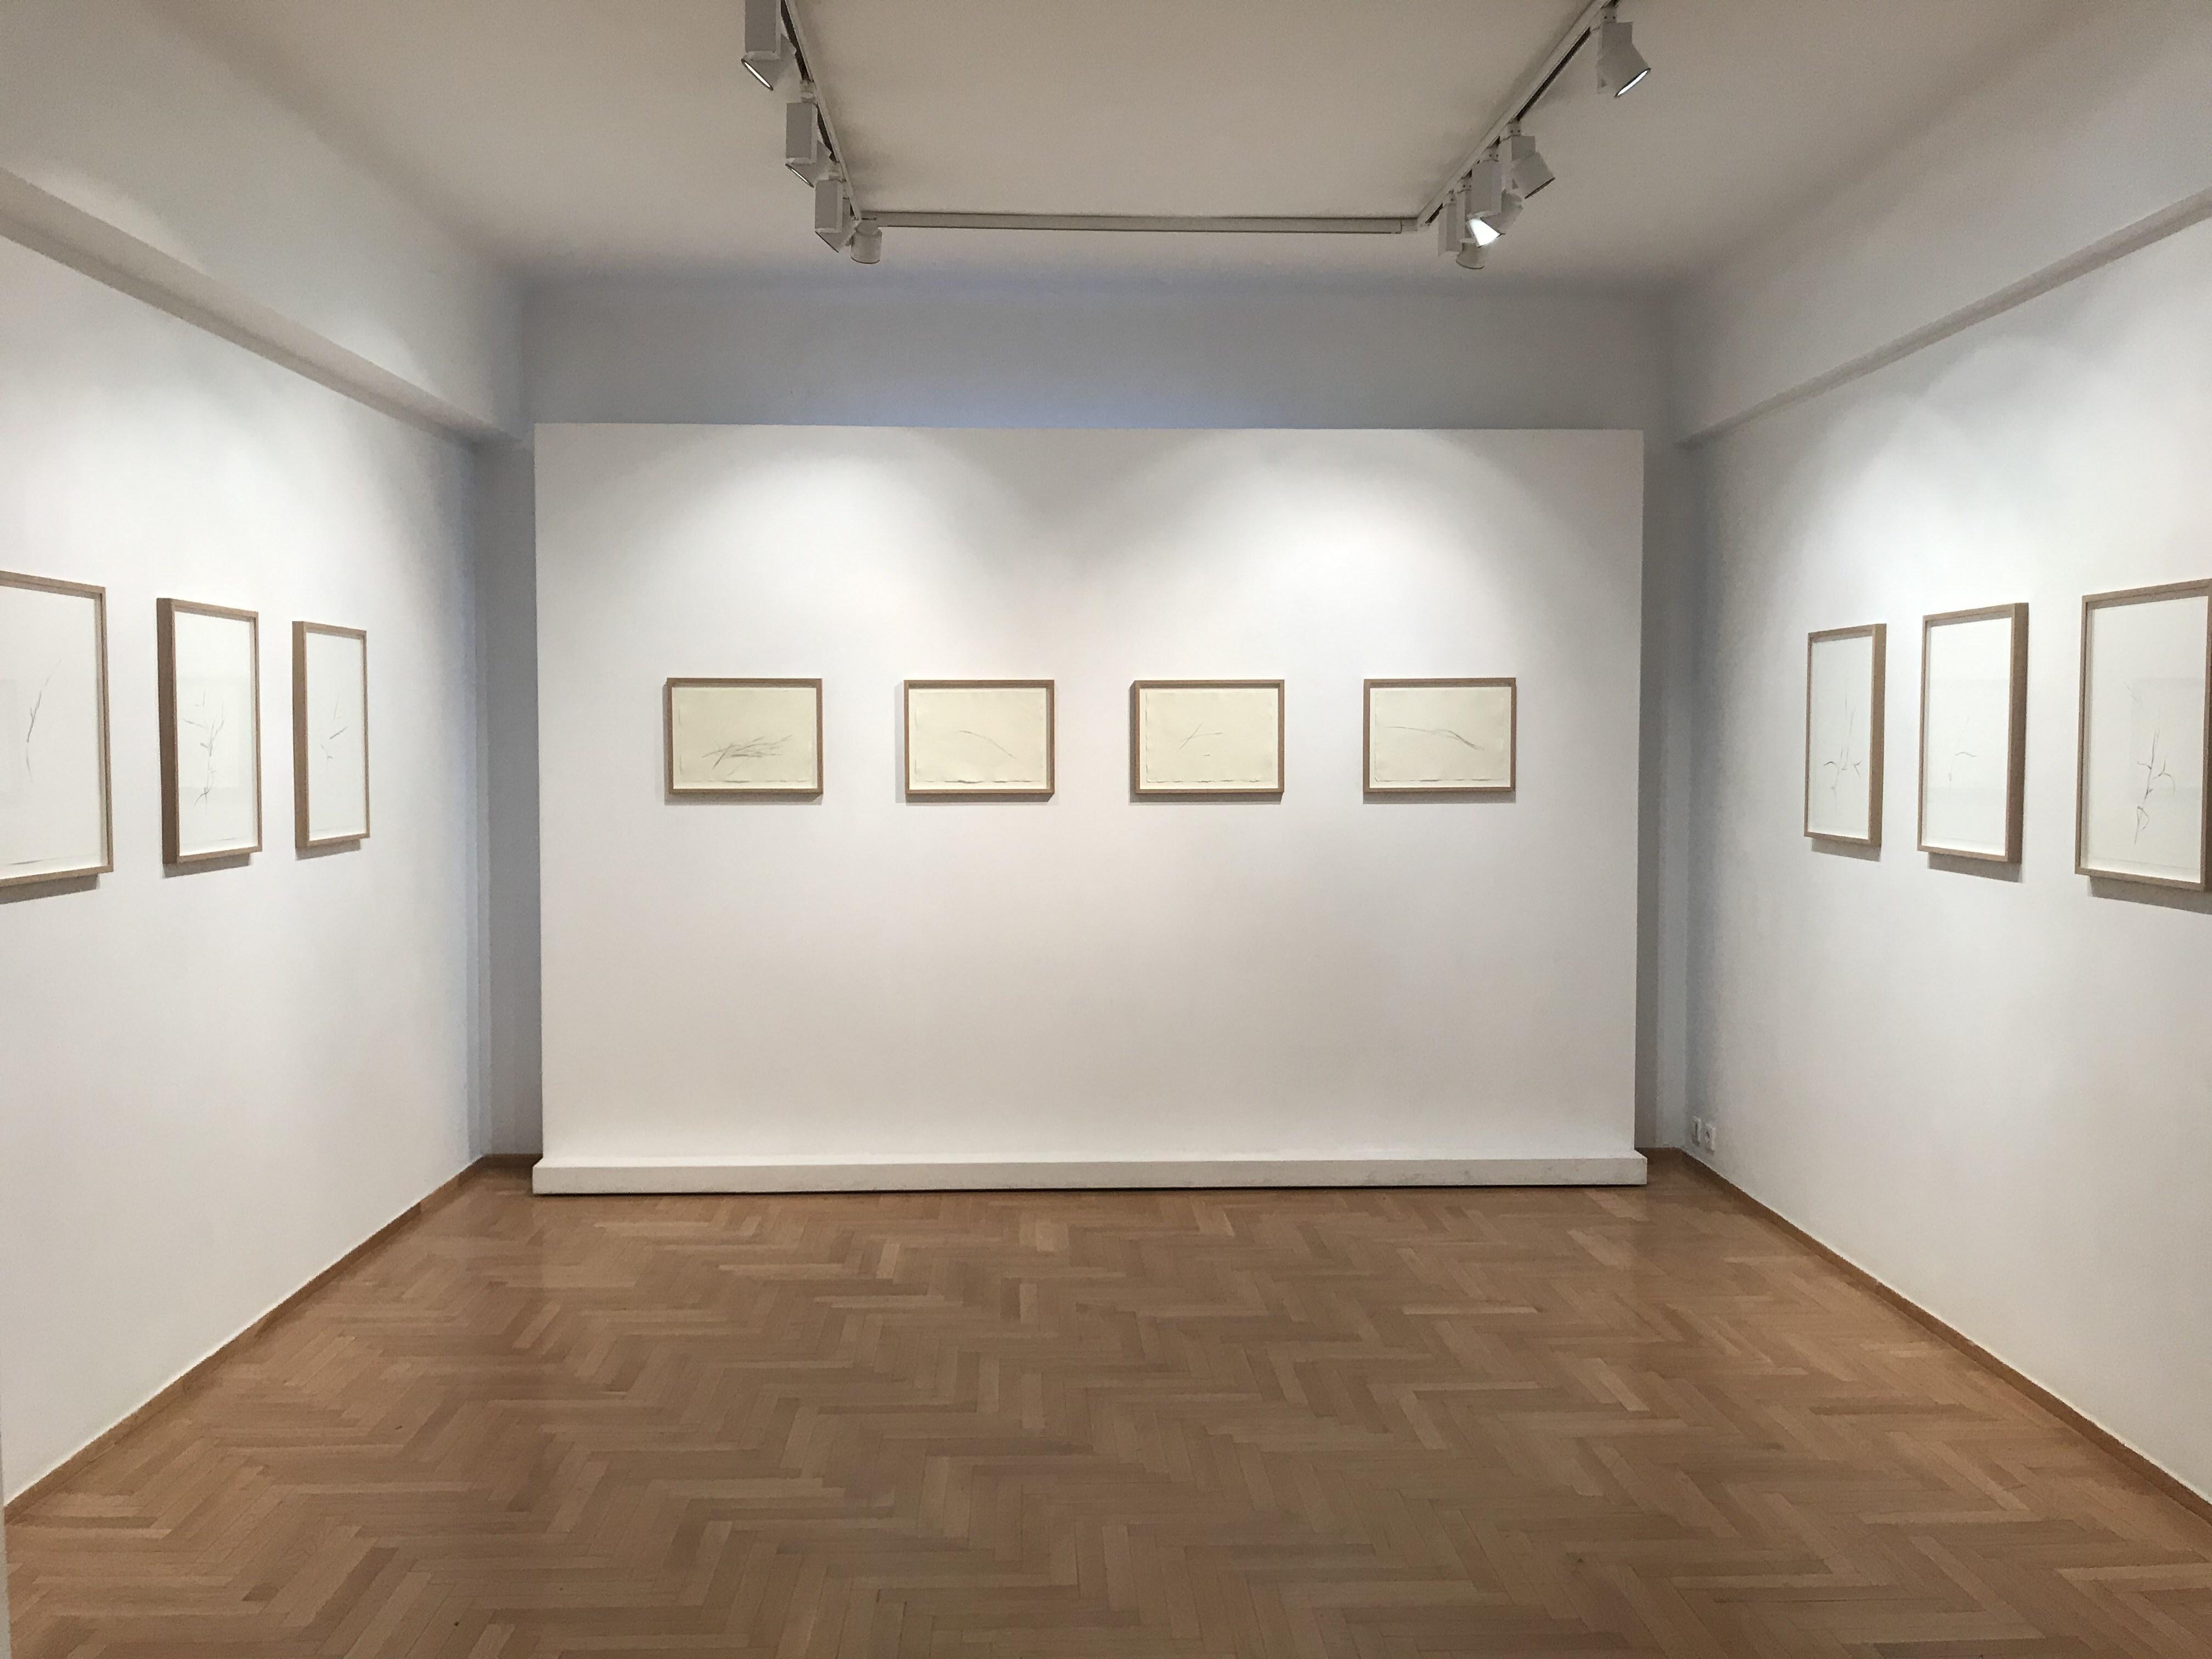 Panagiotis Koulouras / Notes for the Kore - Image 0